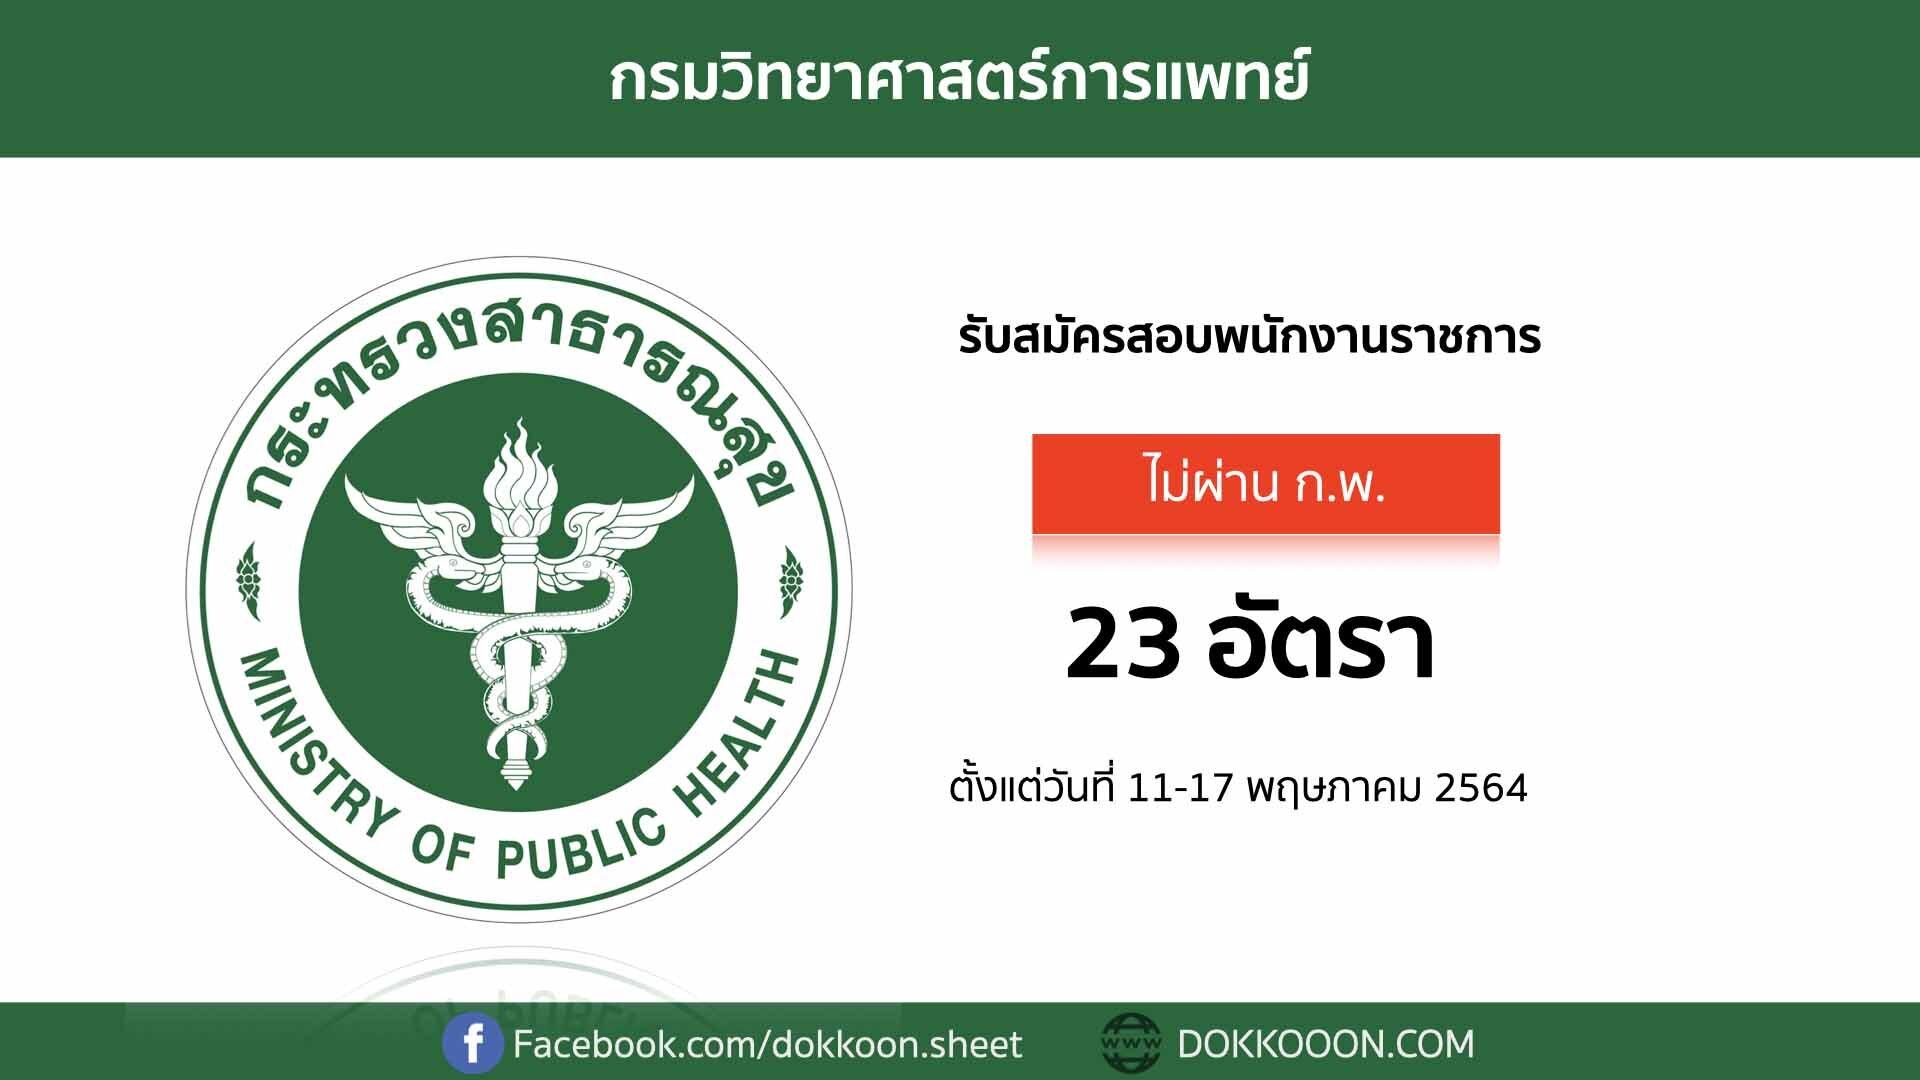 กรมวิทยาศาสตร์การแพทย์ เปิดรับสมัครสอบ 23 อัตรา